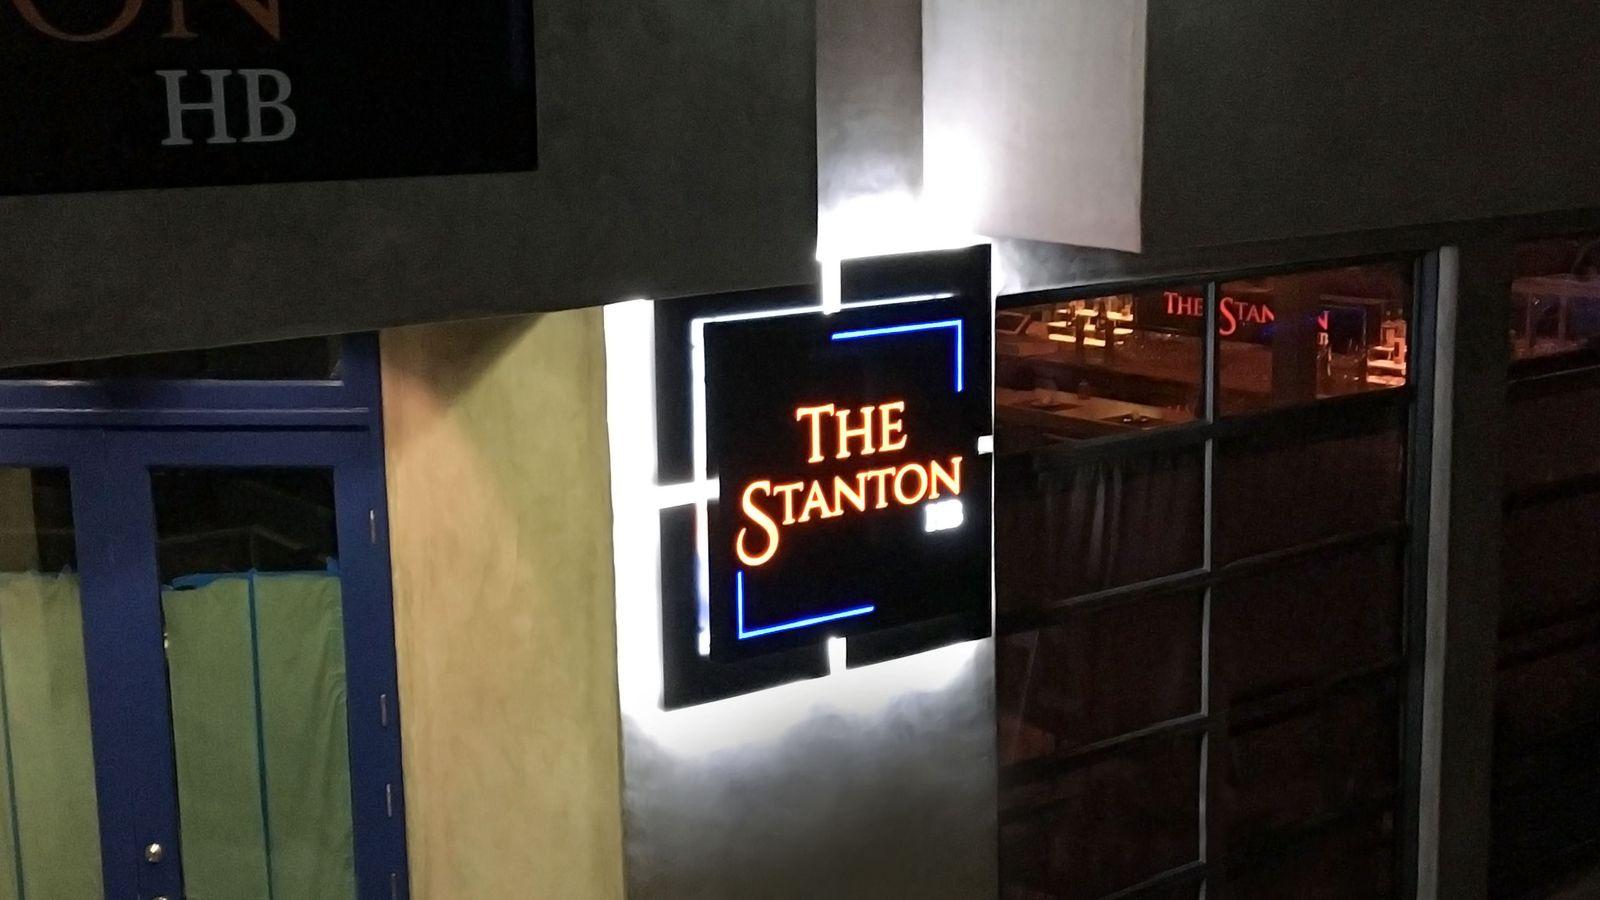 The station backlit sign